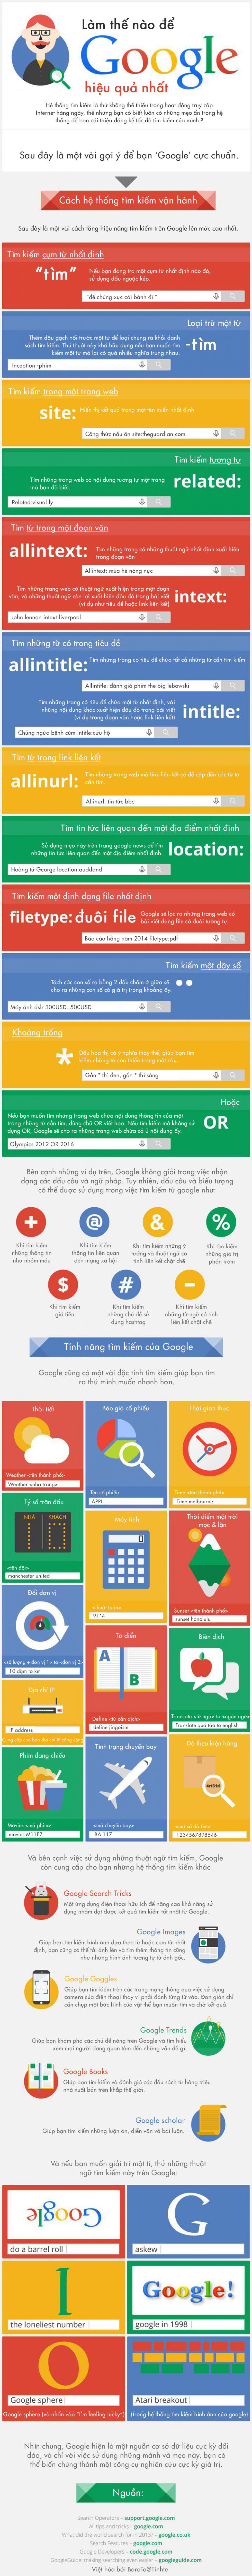 Infographic: Thủ thuật tìm kiếm trên Google hiệu quả nhất